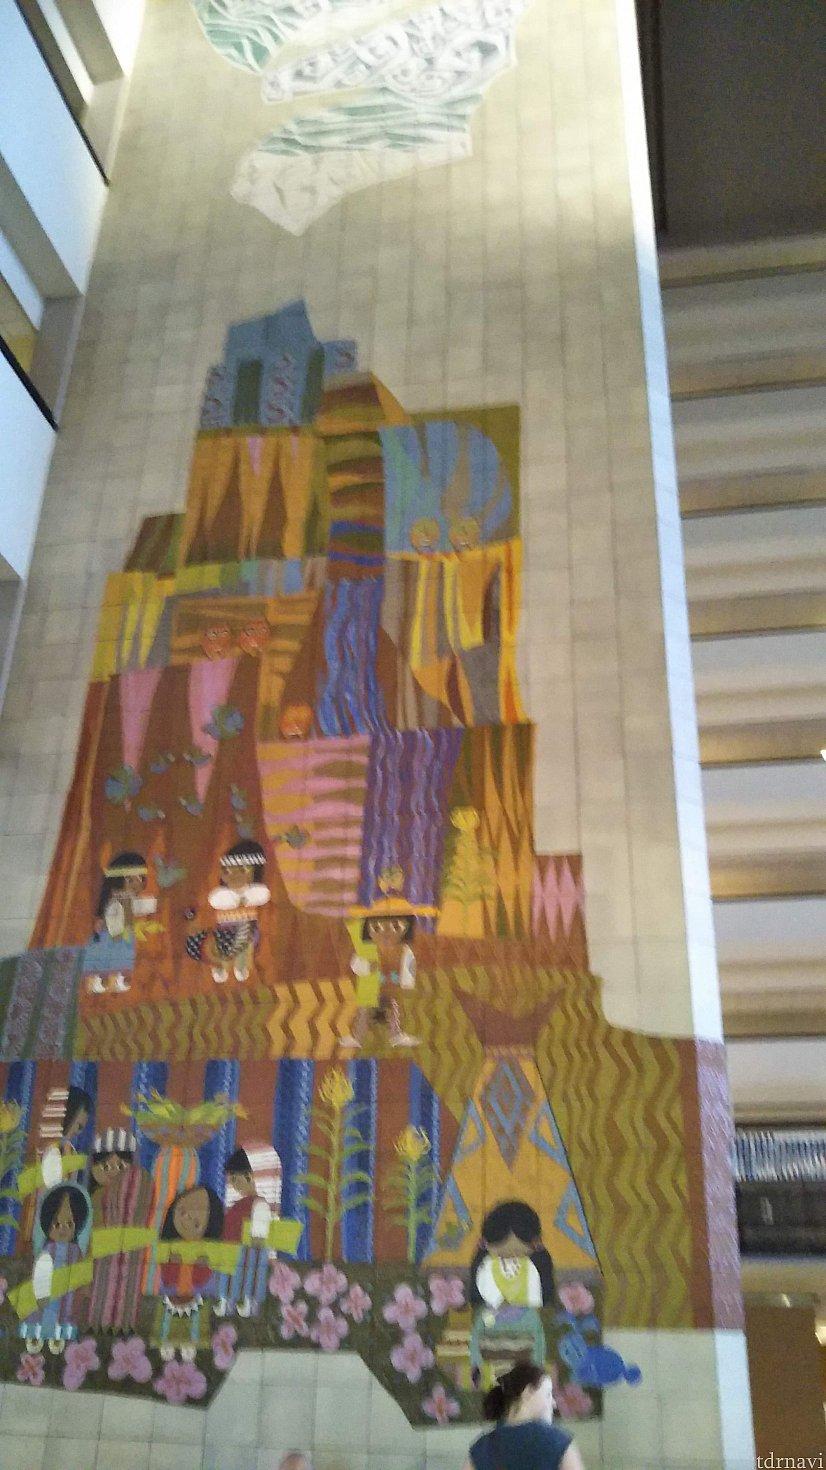 でも、そんなことはまだ知りませんので、大喜びで到着する私たち。 壁一面のスモワの壁画は素晴らしい。